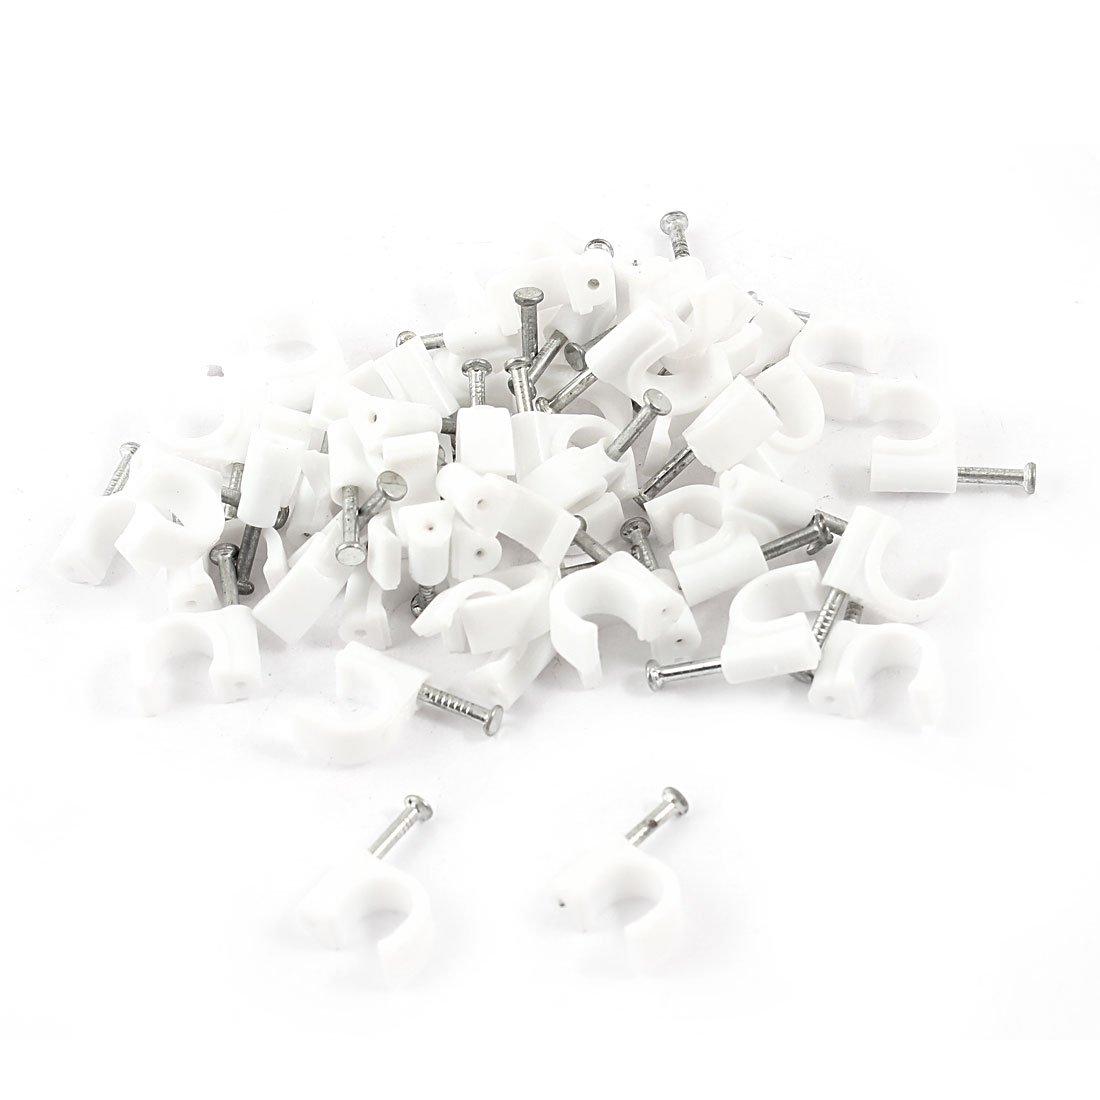 50 piezas 0, 79 cm 8 mm de cí rculos con Cable pinzas cierre w clavos de pared 79 cm 8 mm de círculos con Cable pinzas cierre w clavos de pared Sourcingmap a14061700ux0111